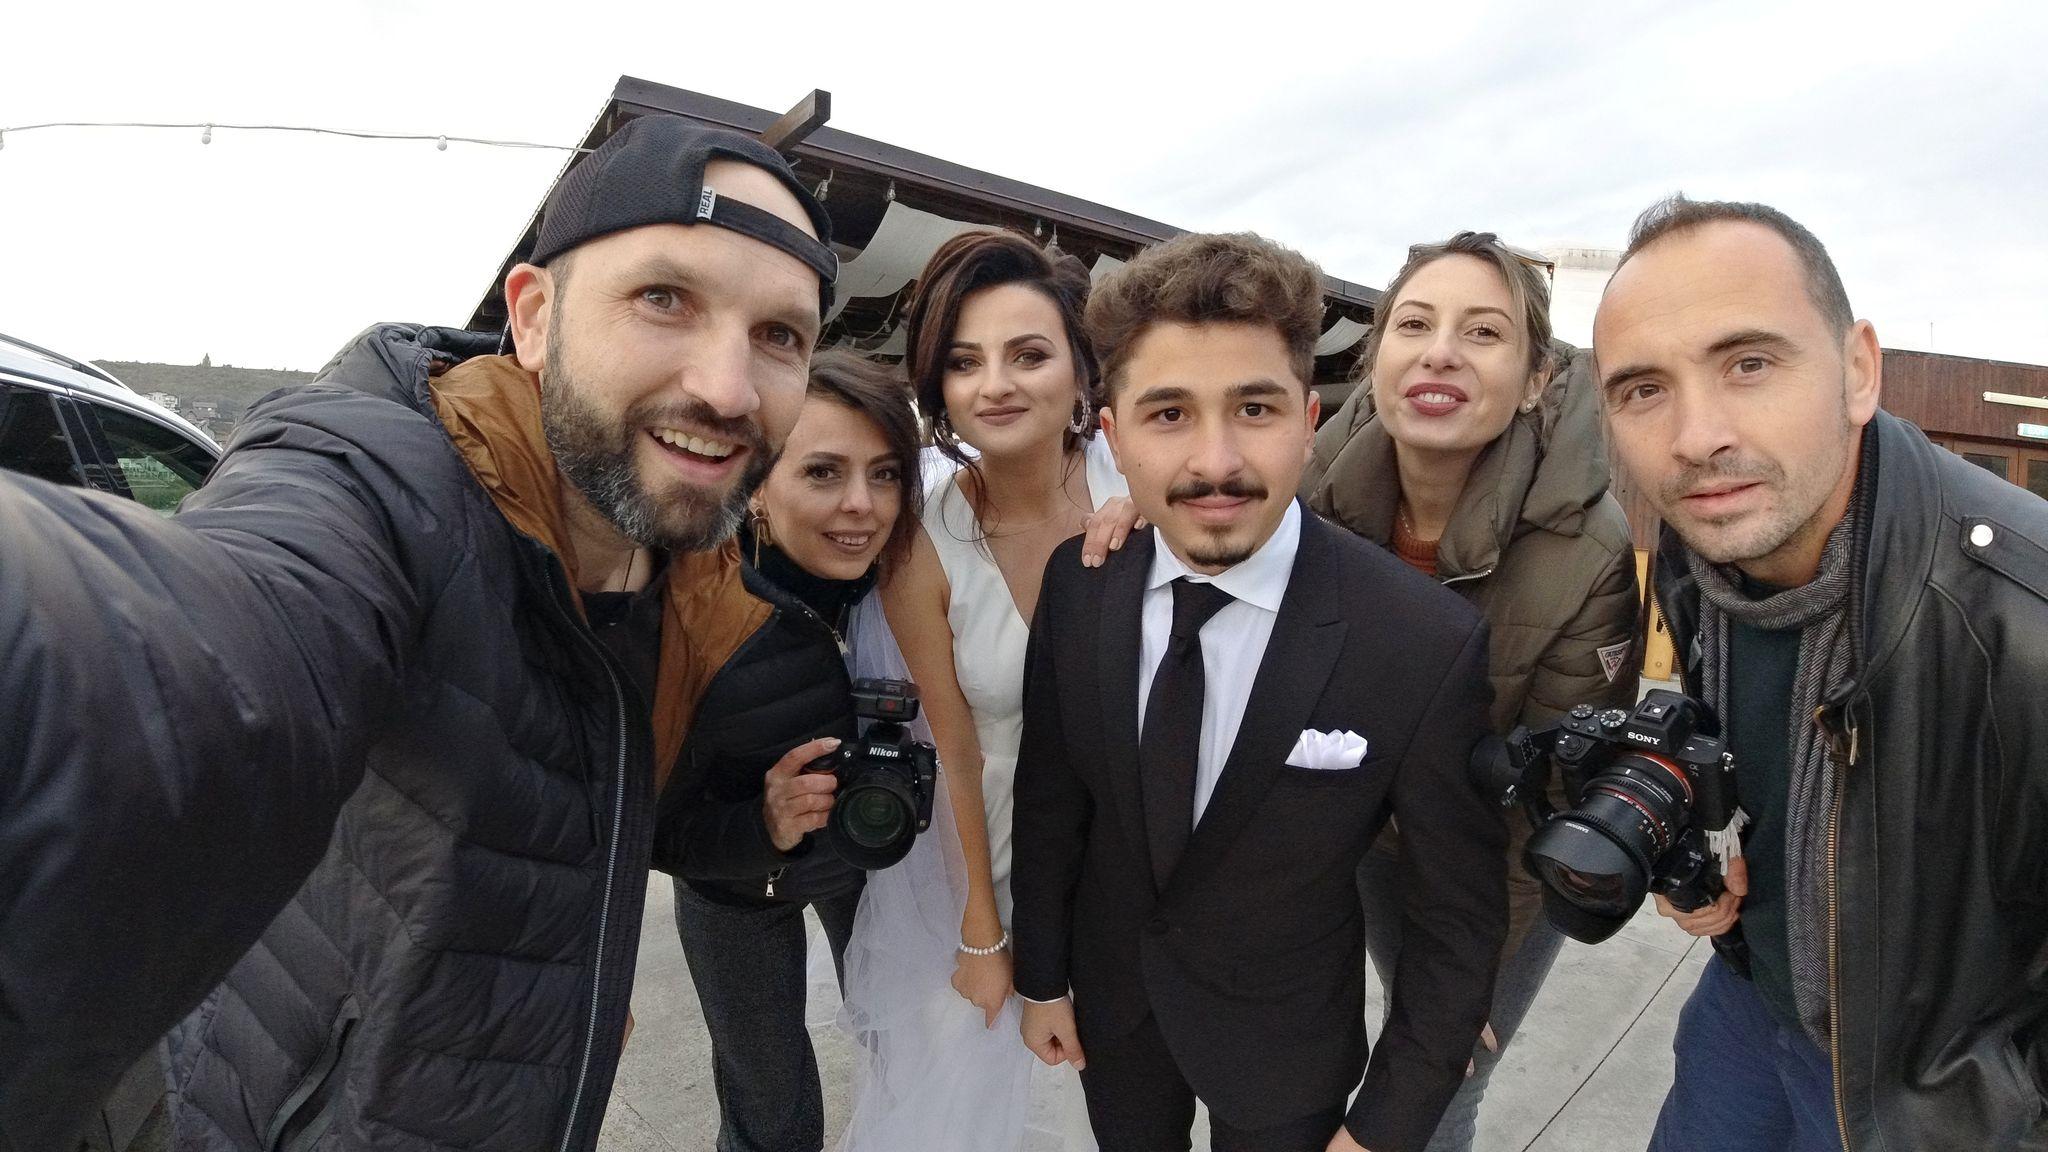 Alin Mihăiță (stânga) în calitate de fotograf la un eveniment.